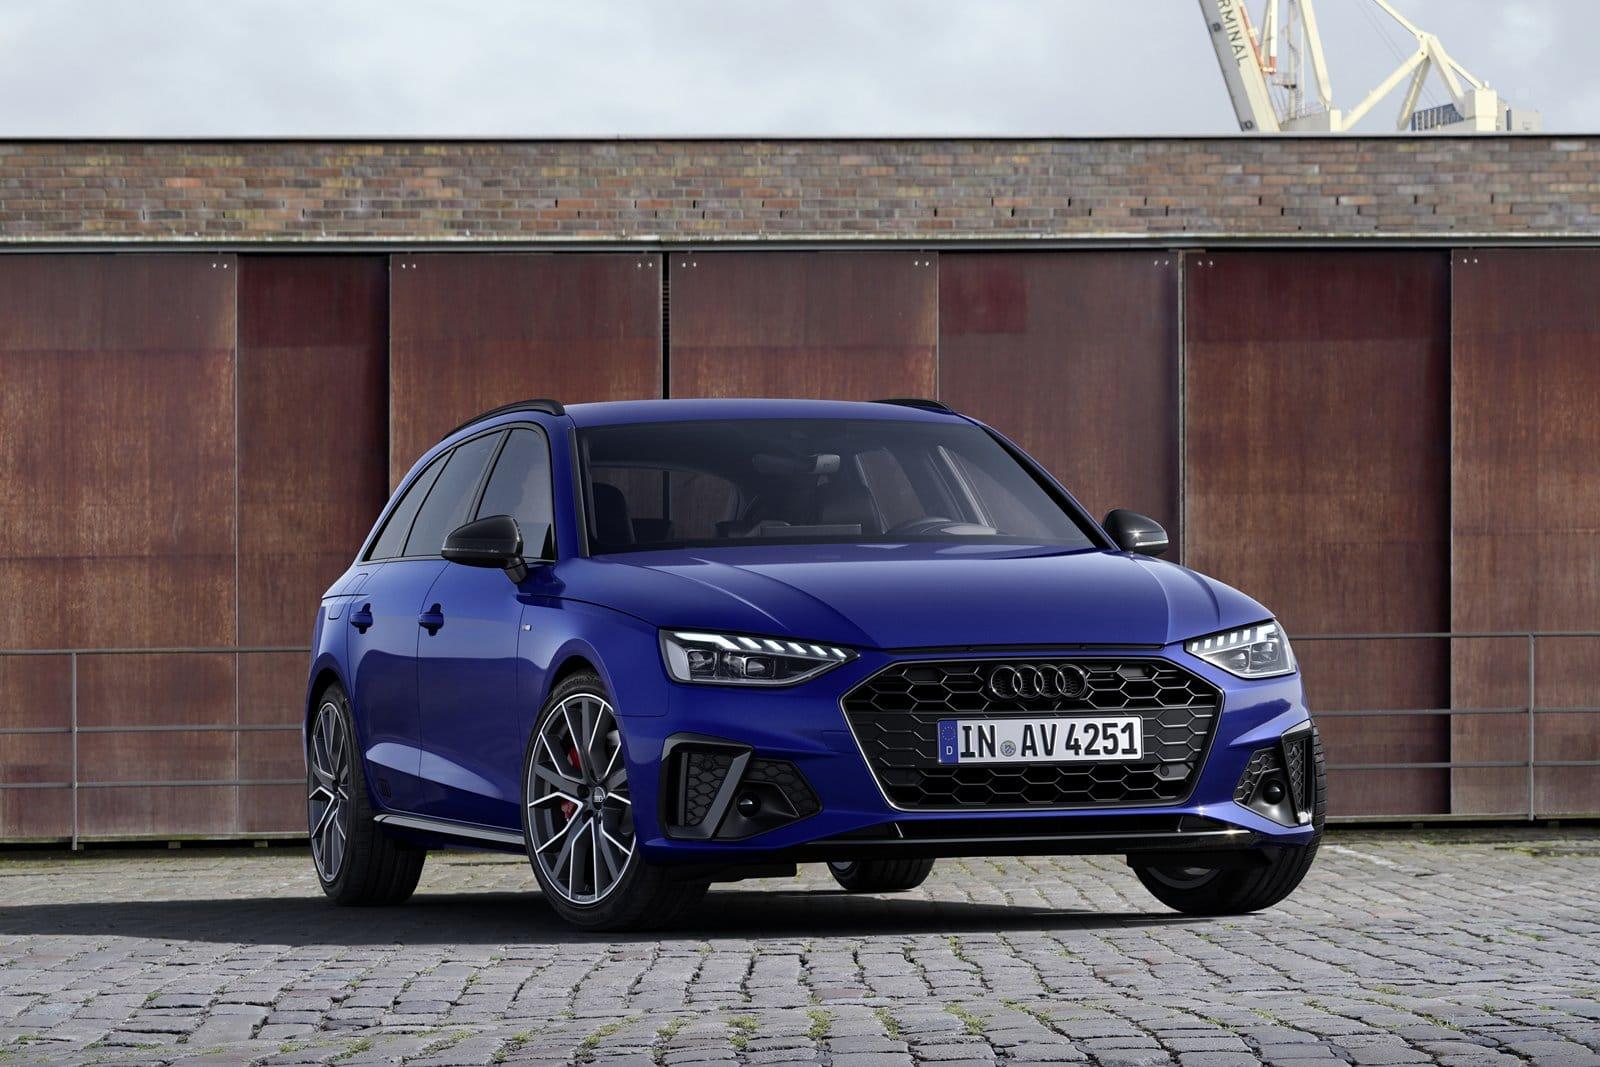 Audi A4 Avant S line competition 2021